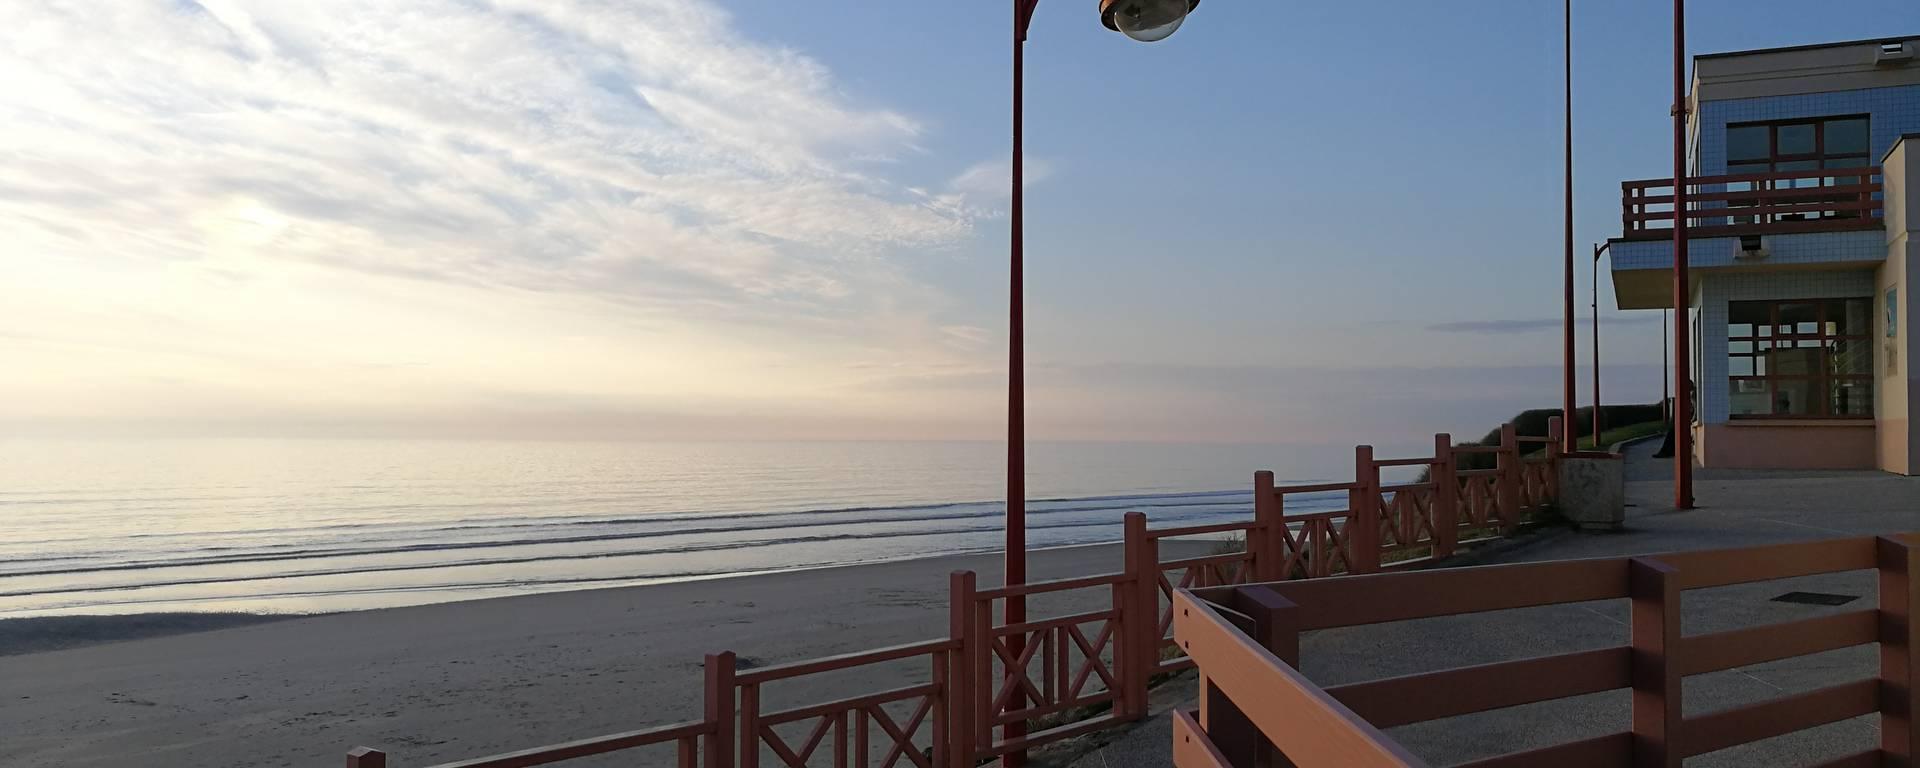 Front de mer à Equihen-Plage